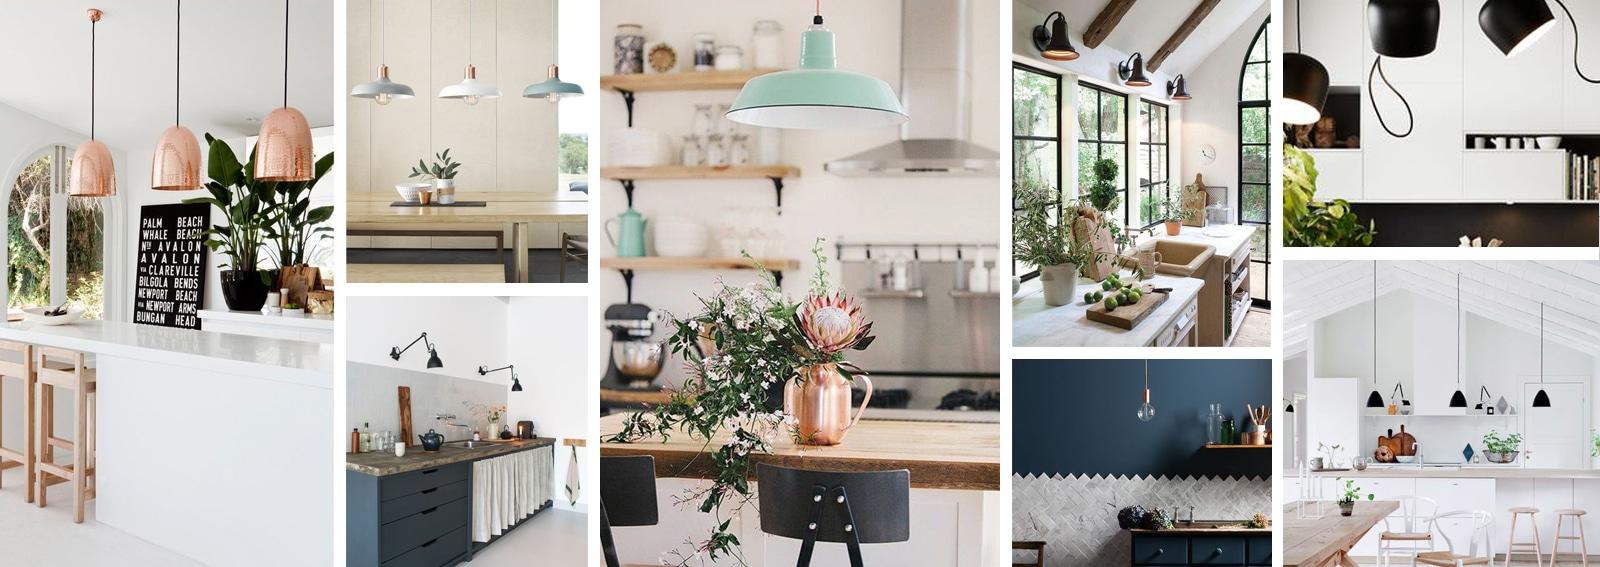 Come illuminare la cucina 15 idee da copiare grazia - Luce per cucina ...